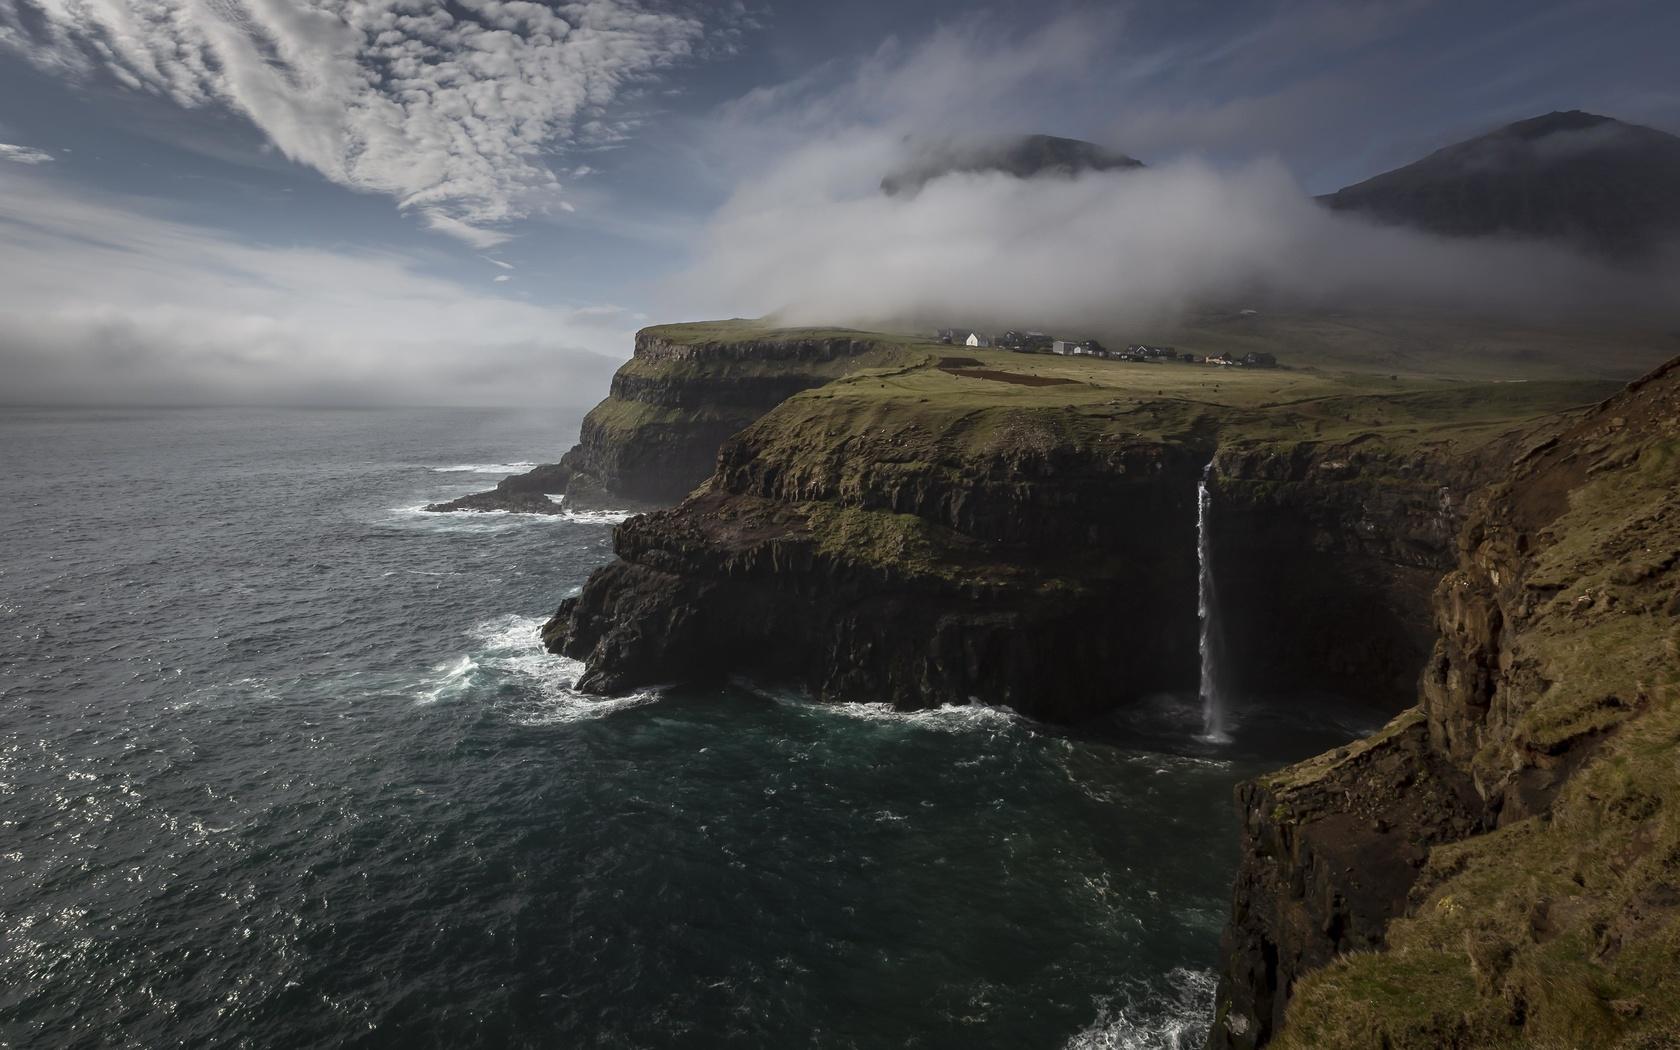 море, скалы, побережье, пейзаж